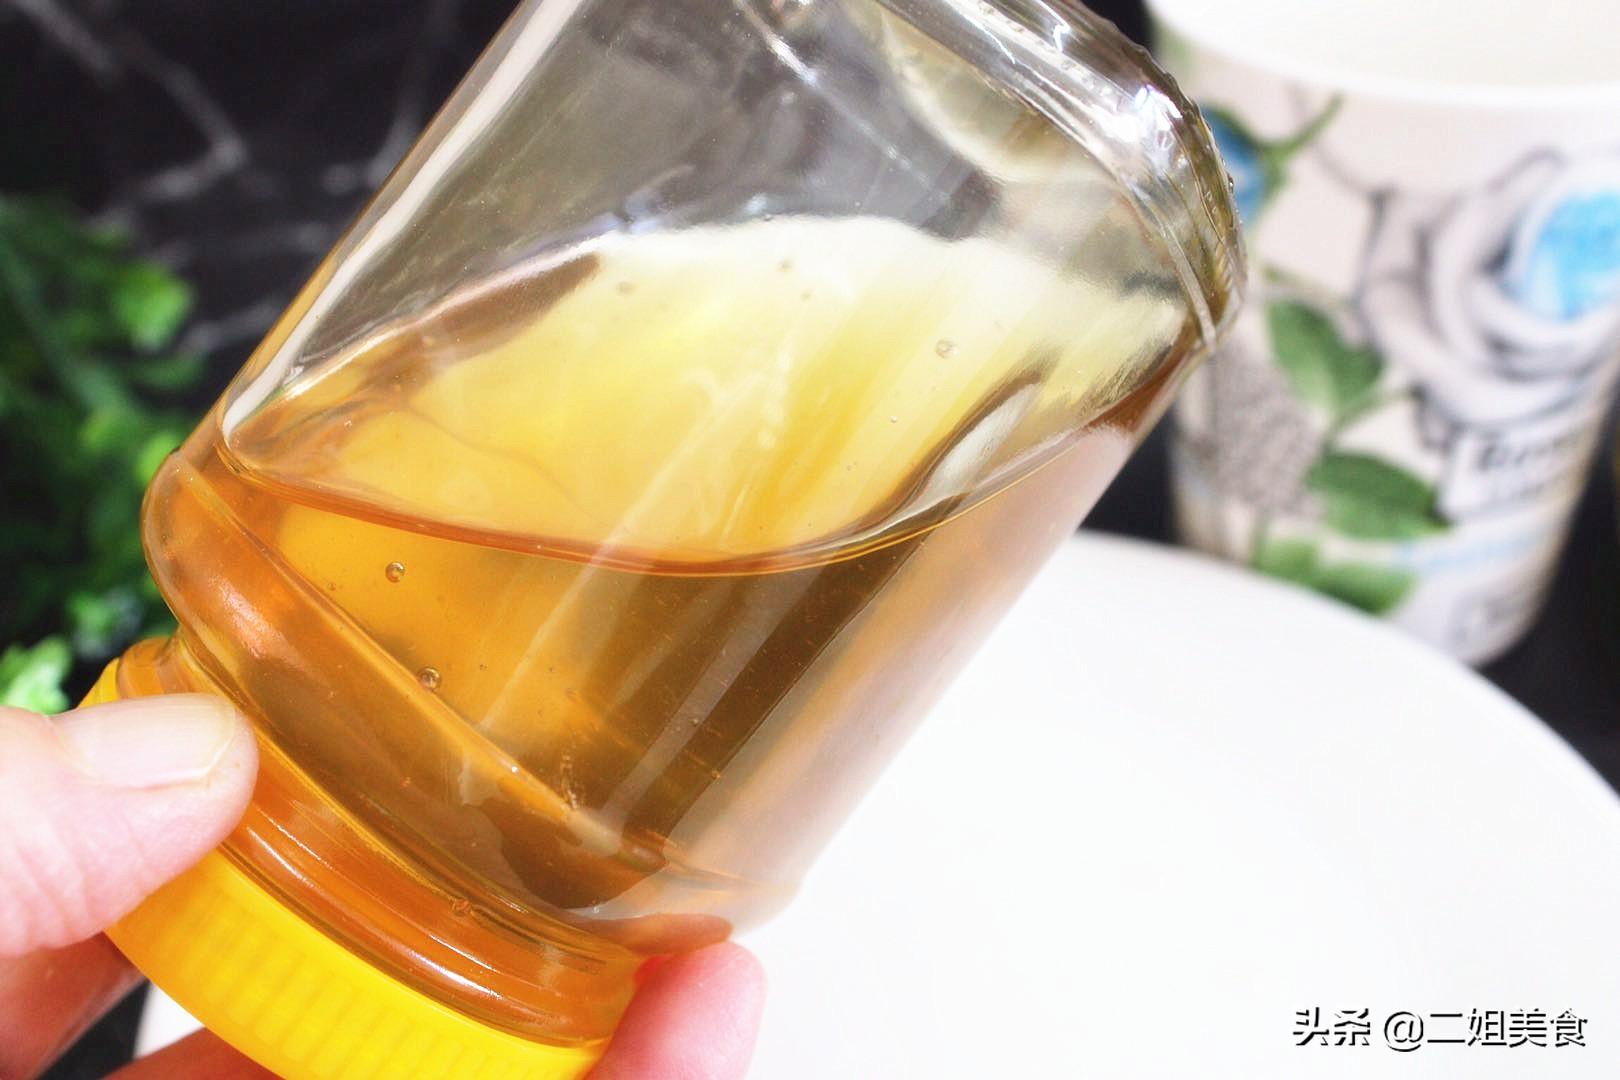 買蜂蜜時,只需要將蜂蜜瓶子倒扣過來,真假蜂蜜一看便知,別亂買